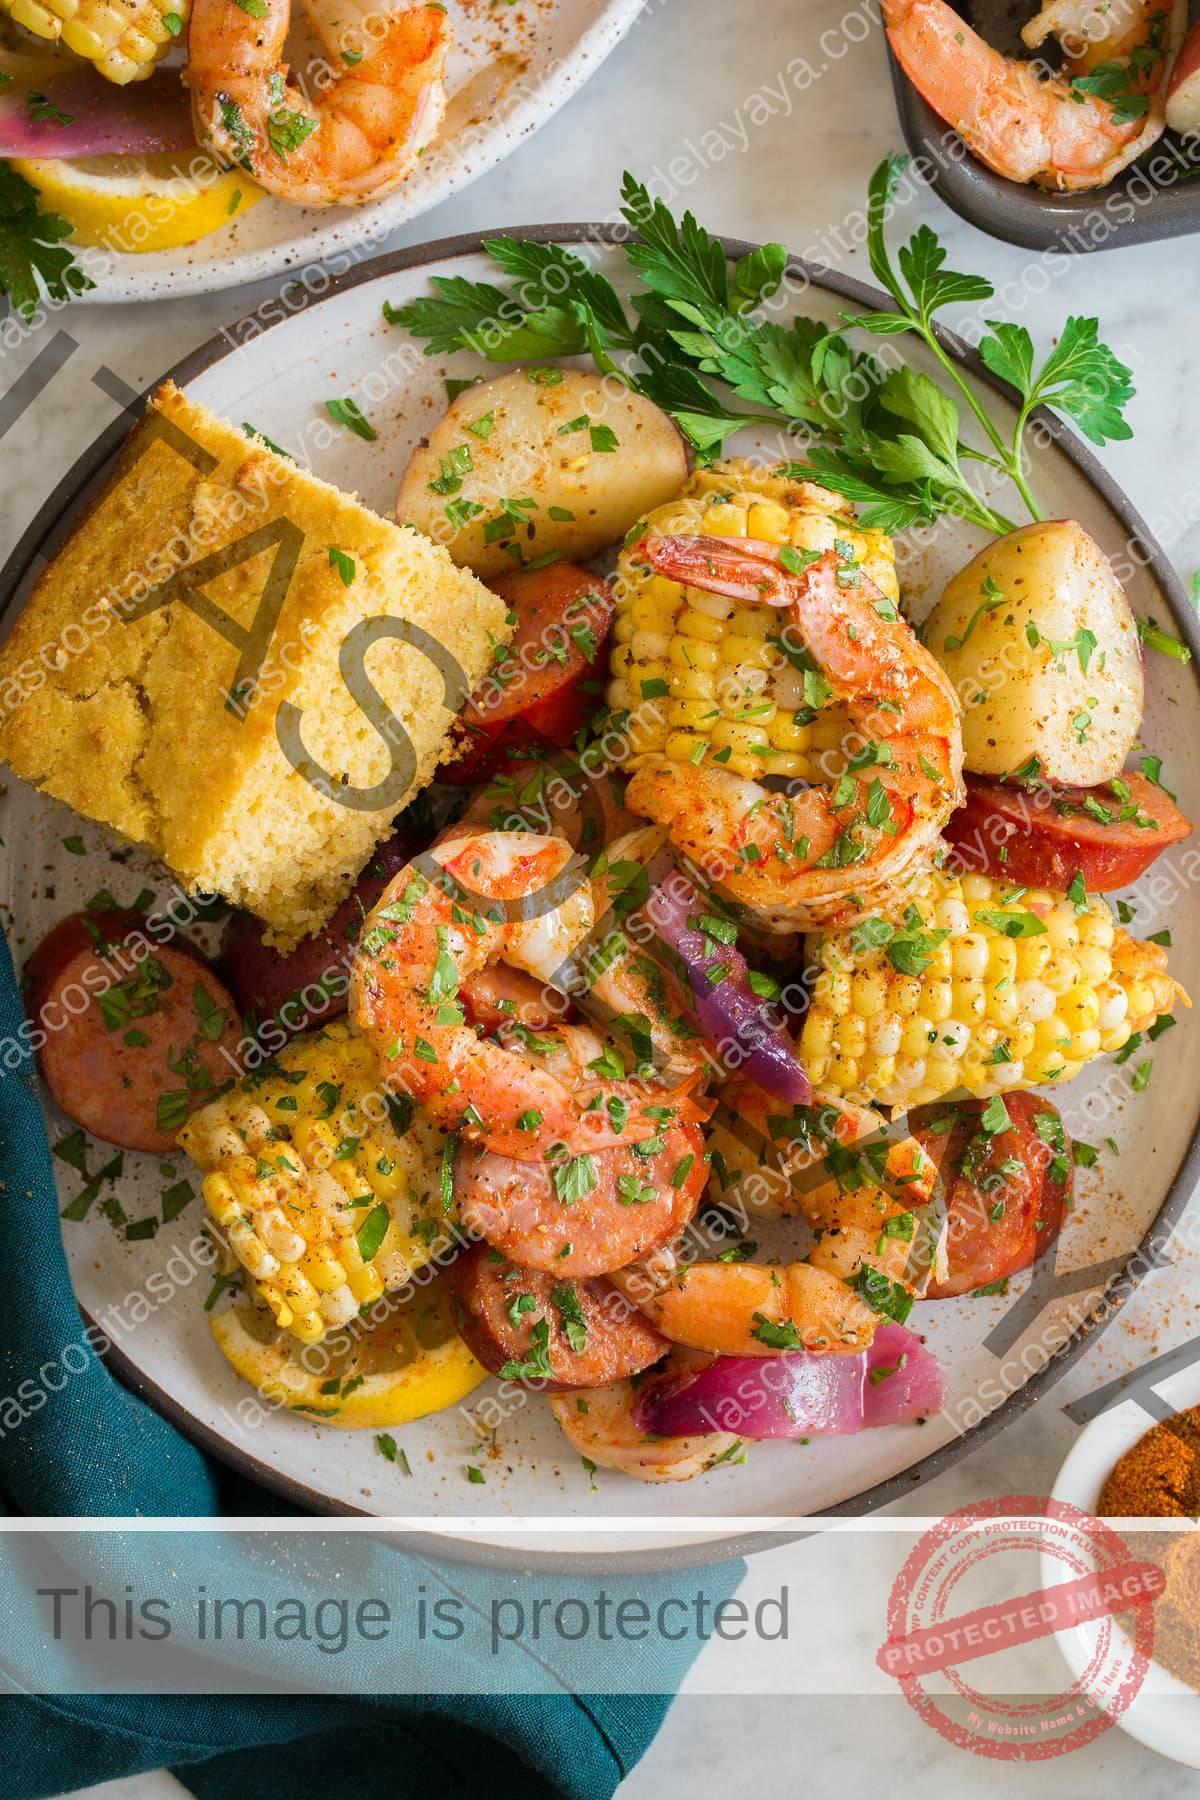 Imagen que muestra una porción de camarones hirviendo en un plato blanco con un toque de porción de pan de maíz.